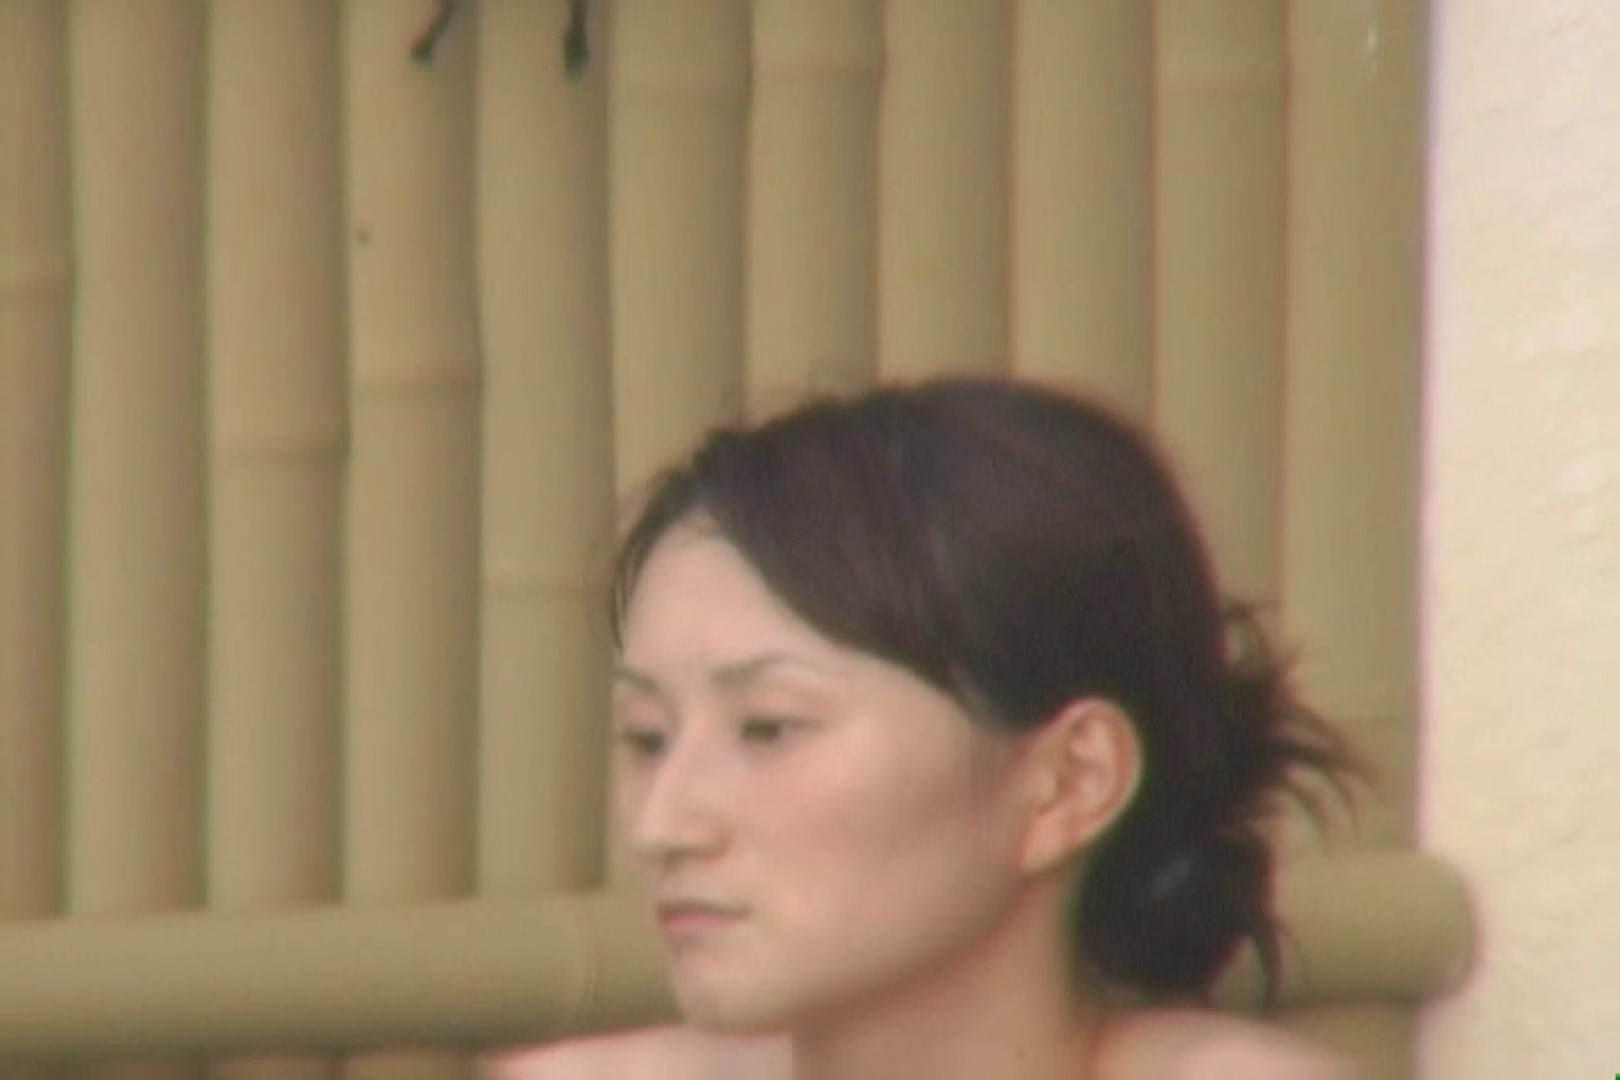 Aquaな露天風呂Vol.578 盗撮師作品 | 美しいOLの裸体  70pic 31